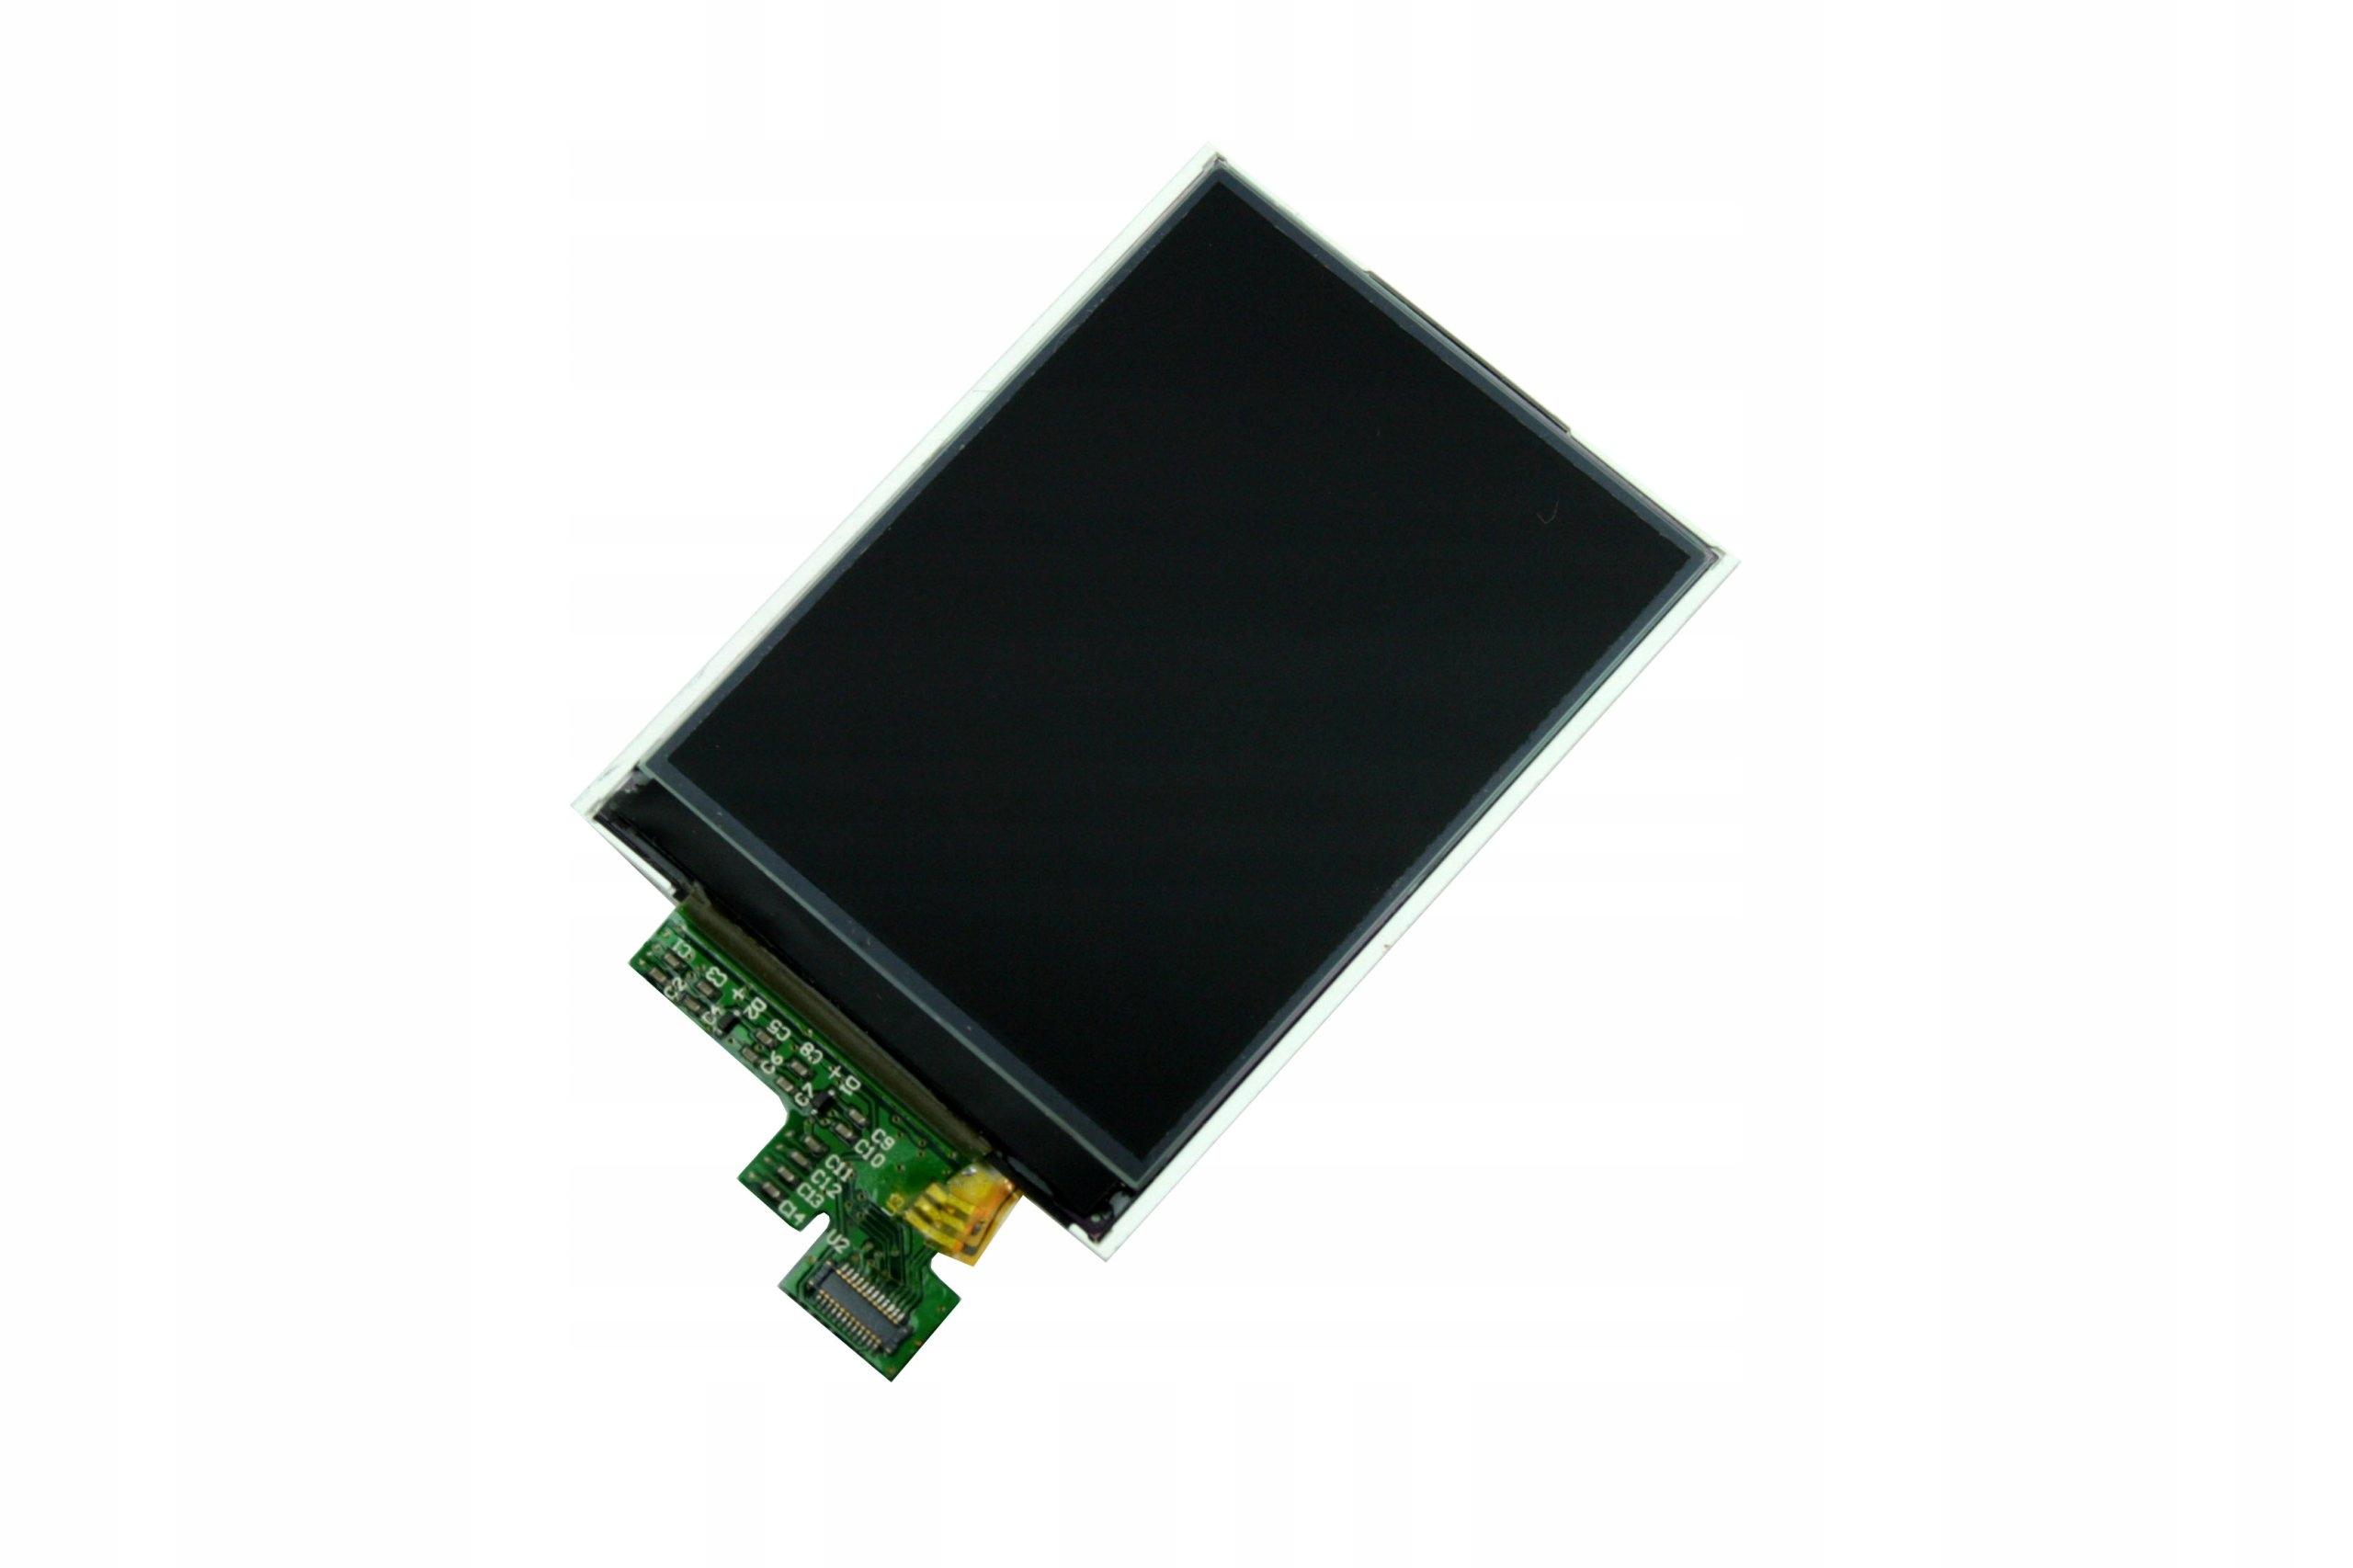 NOWY WYŚWIETLACZ LCD SONY ERICSSON FRANCES C903I